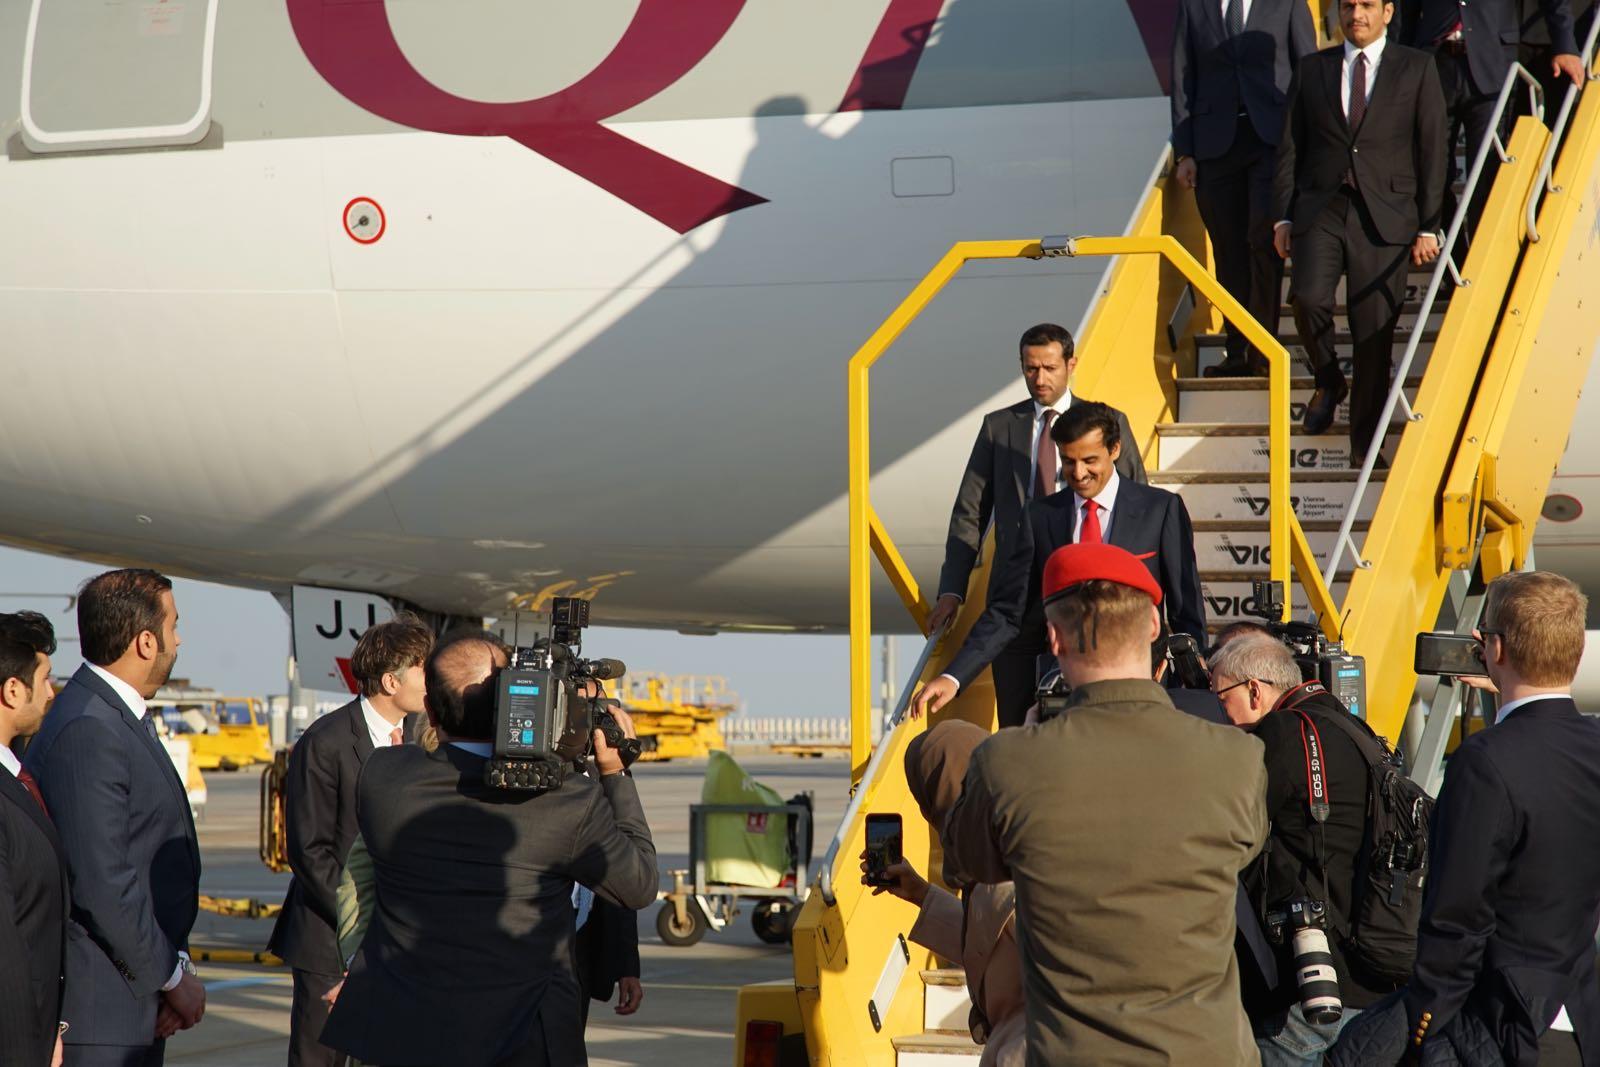 2019_03_04_4Gardekompanie_Flughafenspalier_Katar_Kneissl - 7 of 17